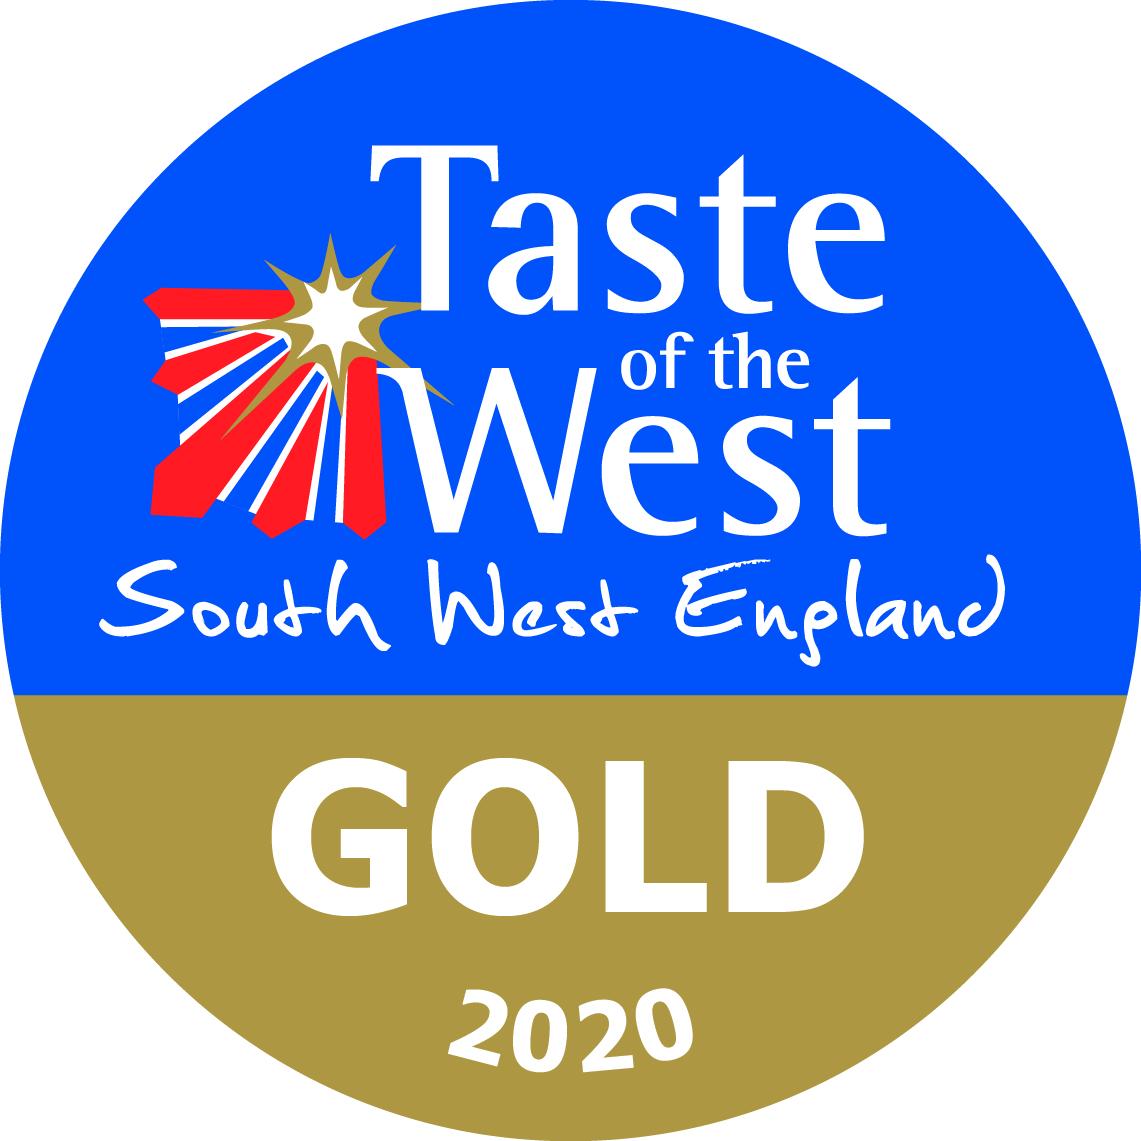 totw-gold-2020.jpg